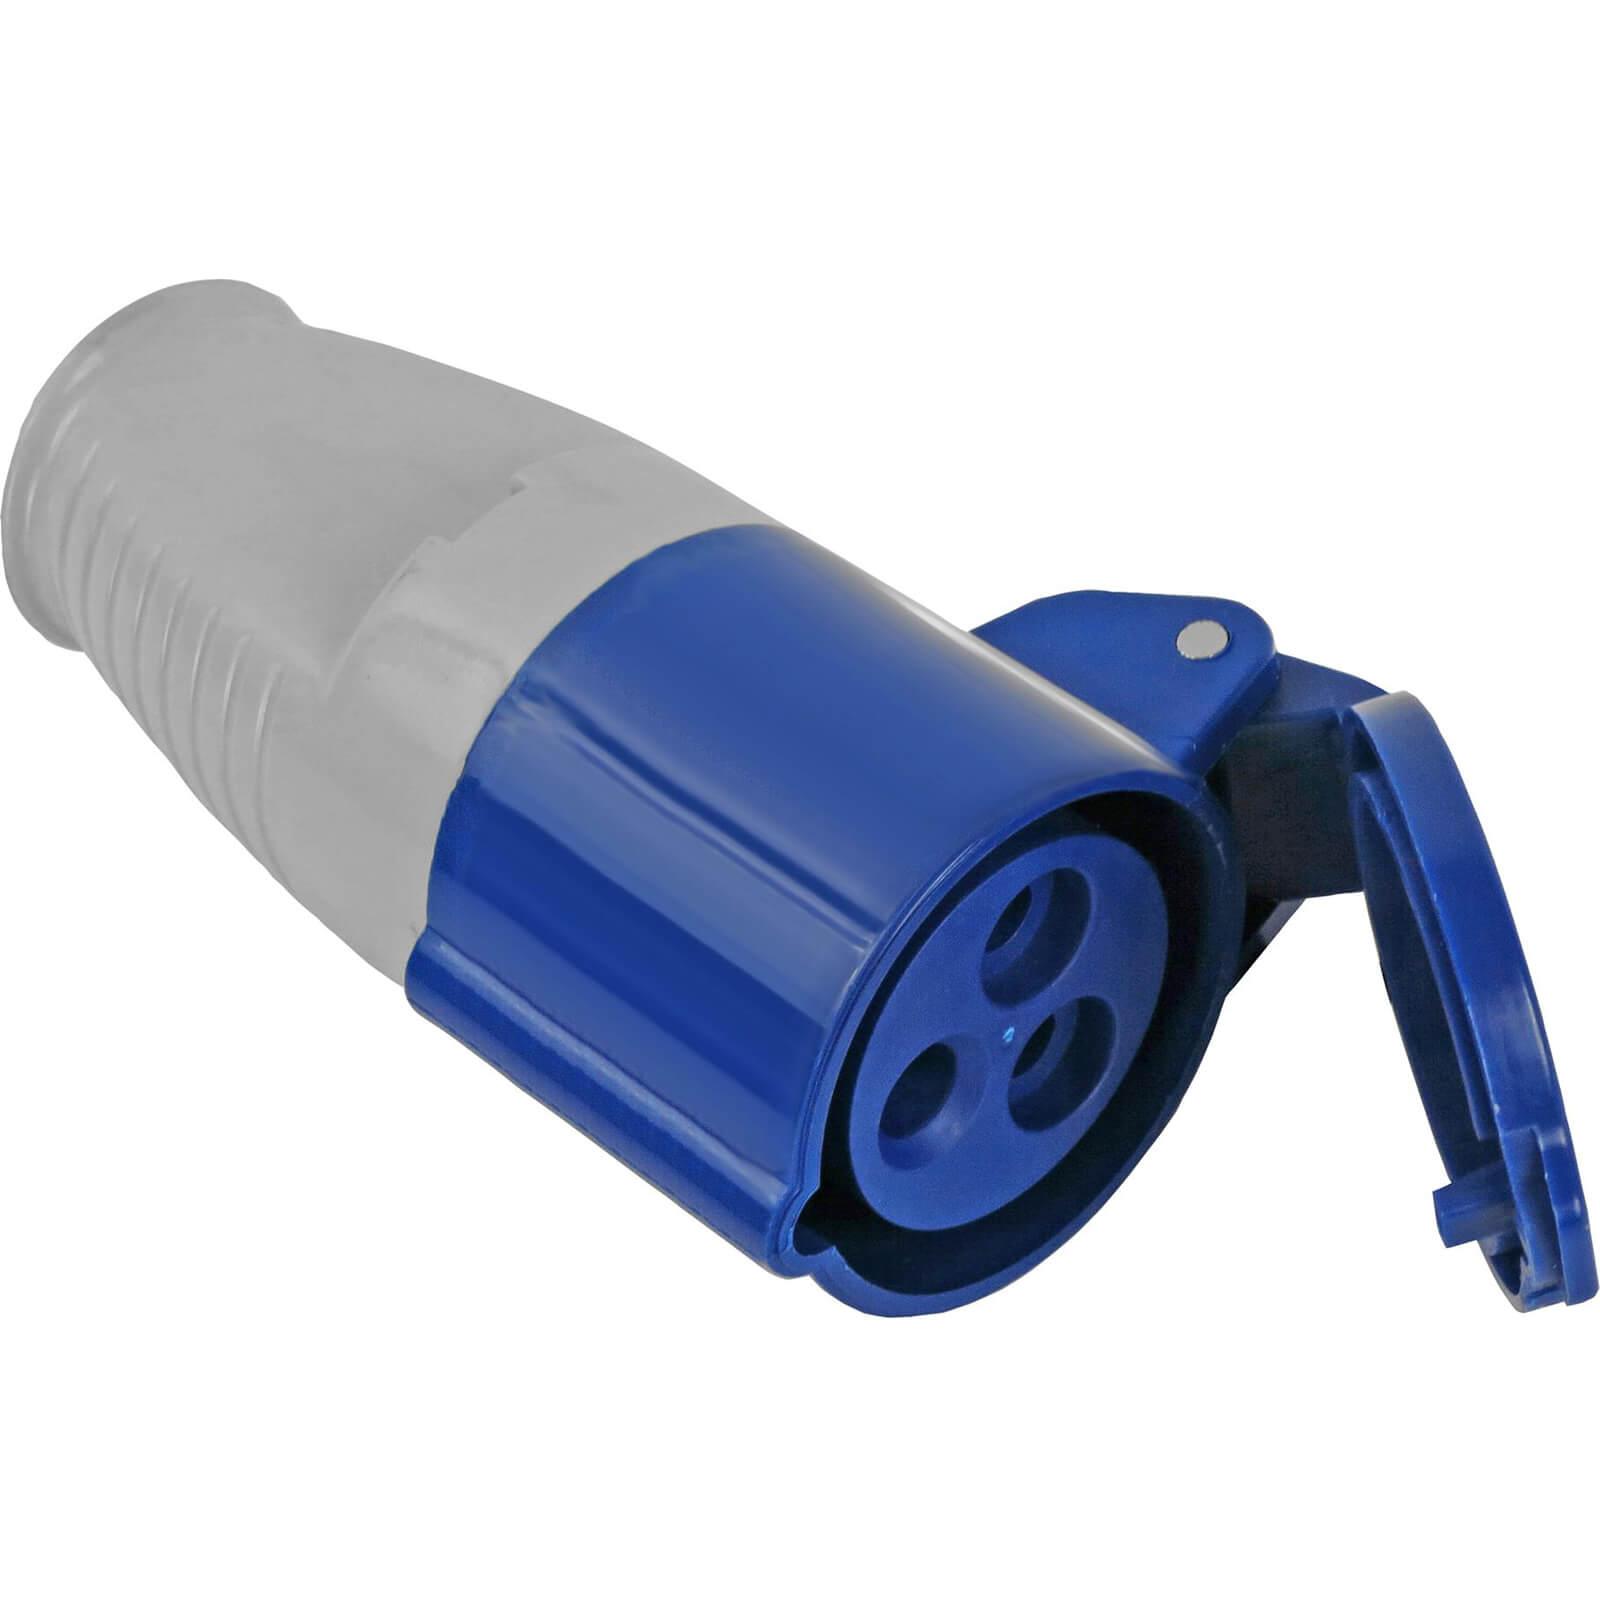 Faithfull Blue Socket 16 amp 240v